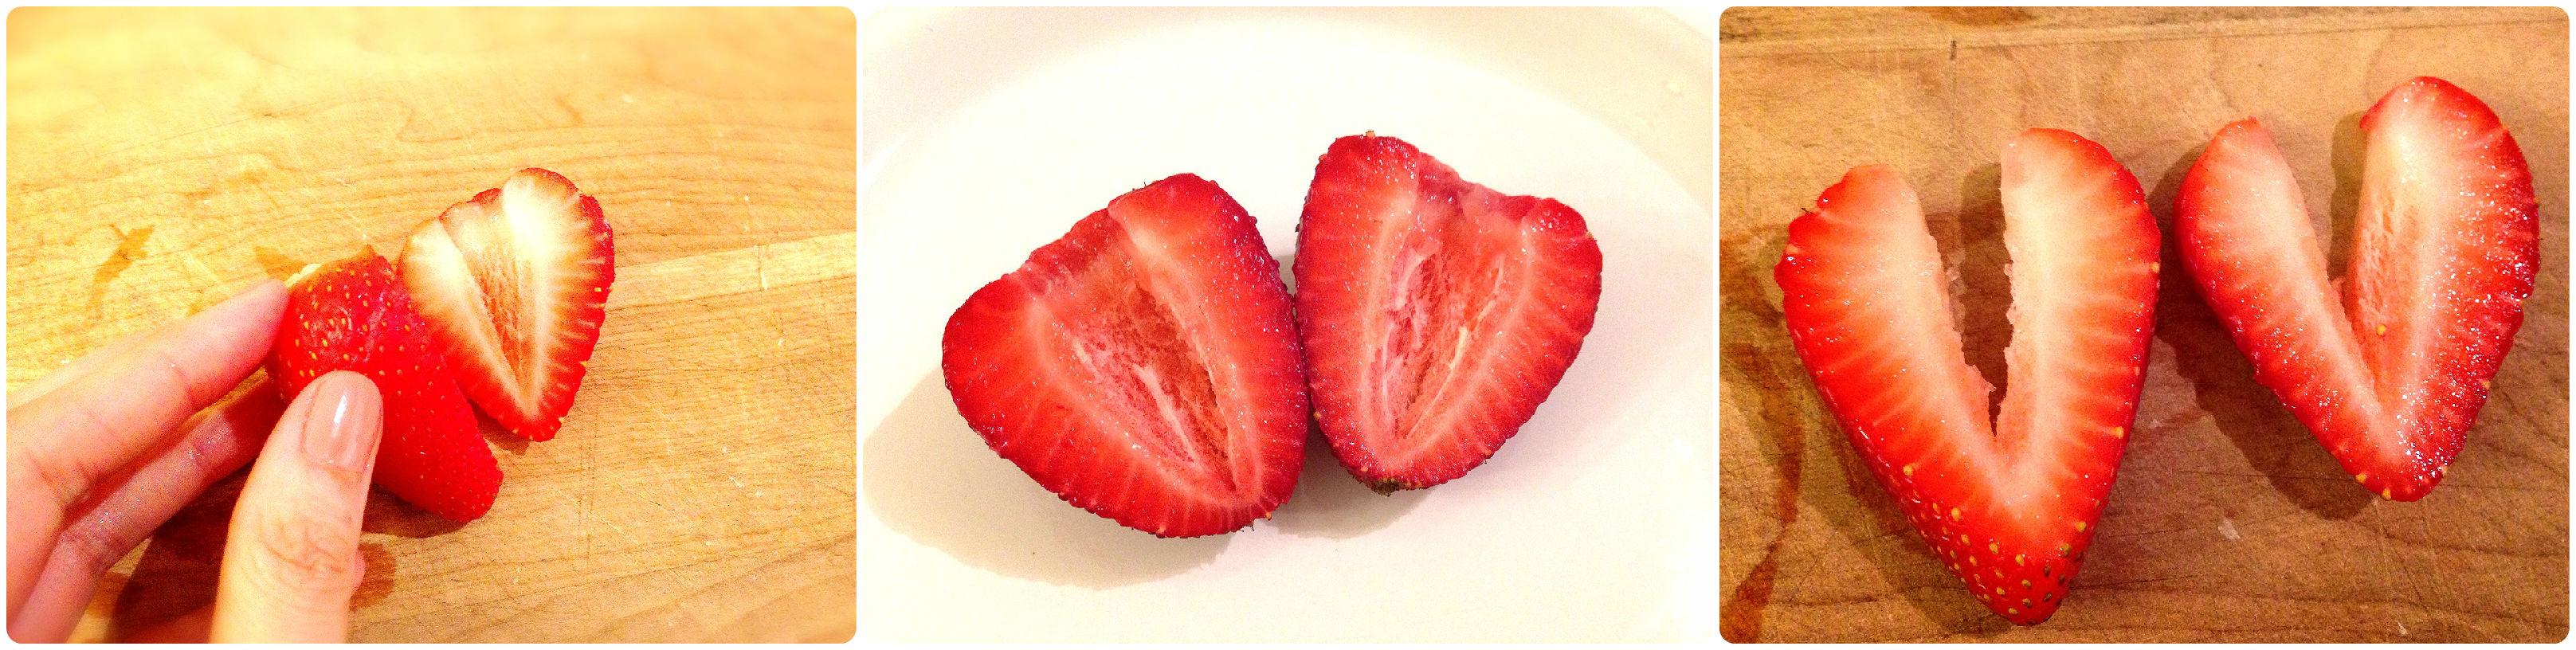 超可爱!爱心形状的草莓切法